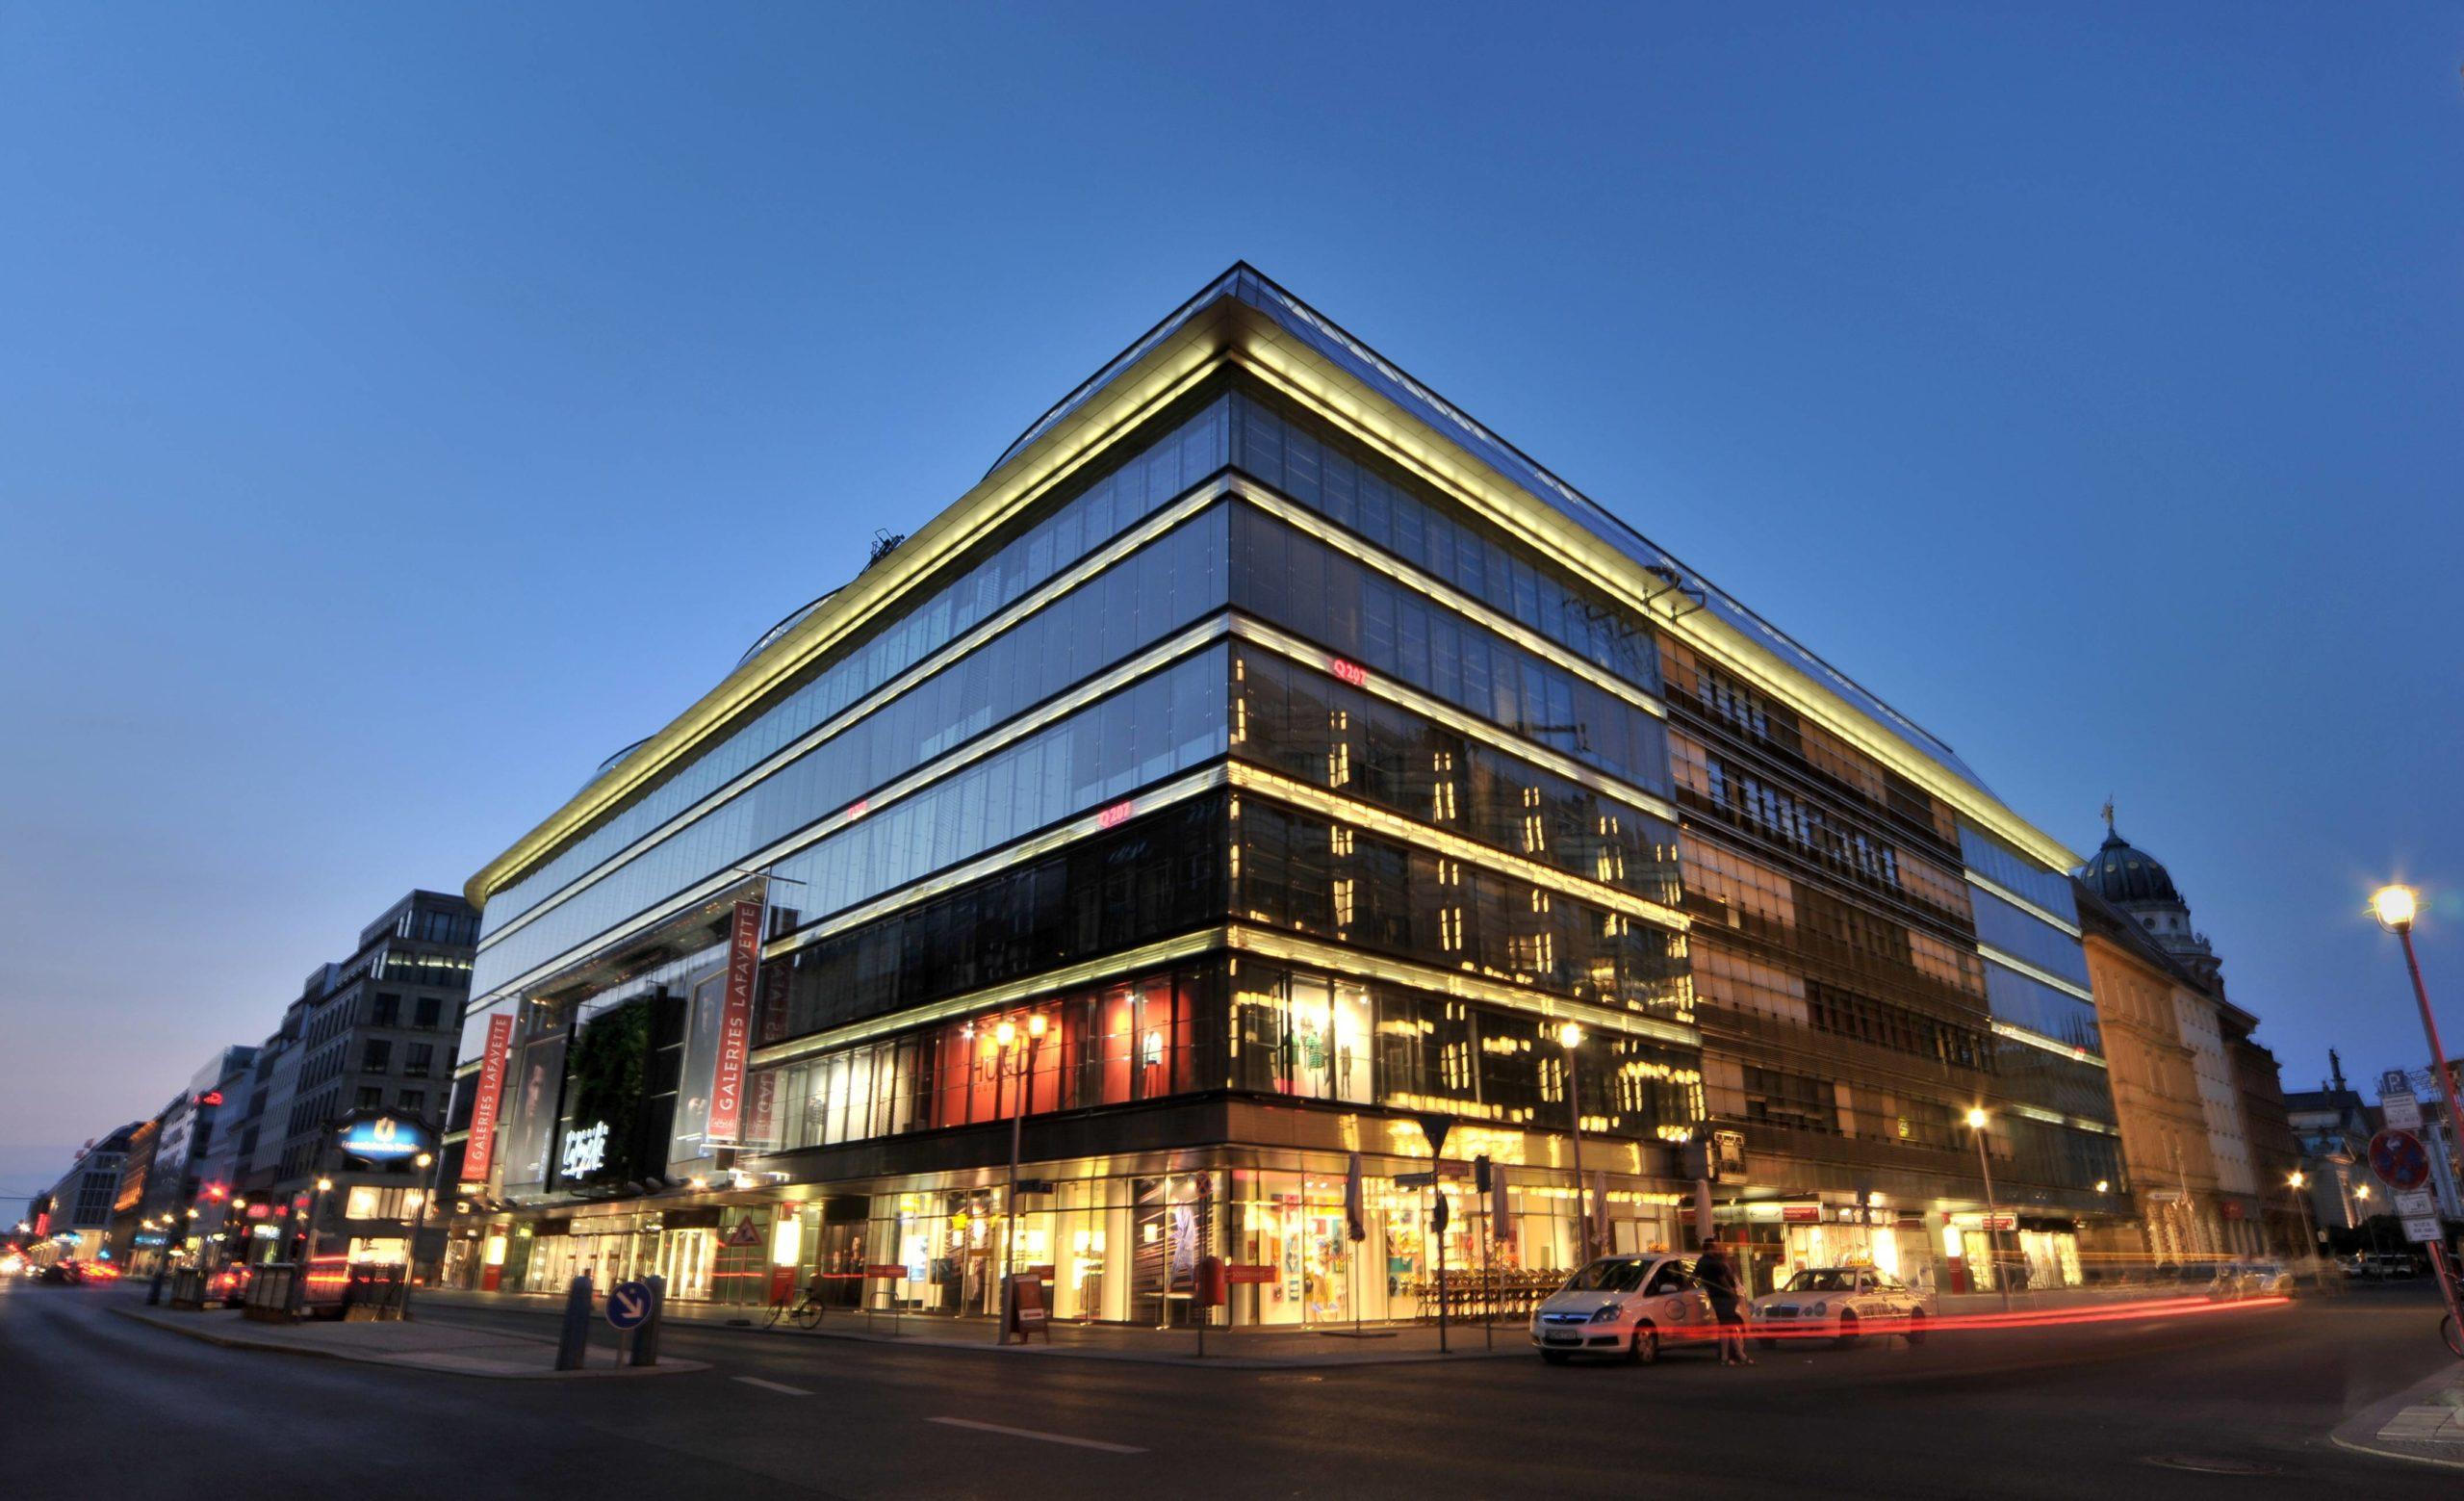 Die Galeries Lafayette, oder auch Quartier 207 genannt, am U-Bahnhof Französische Straße in Mitte.